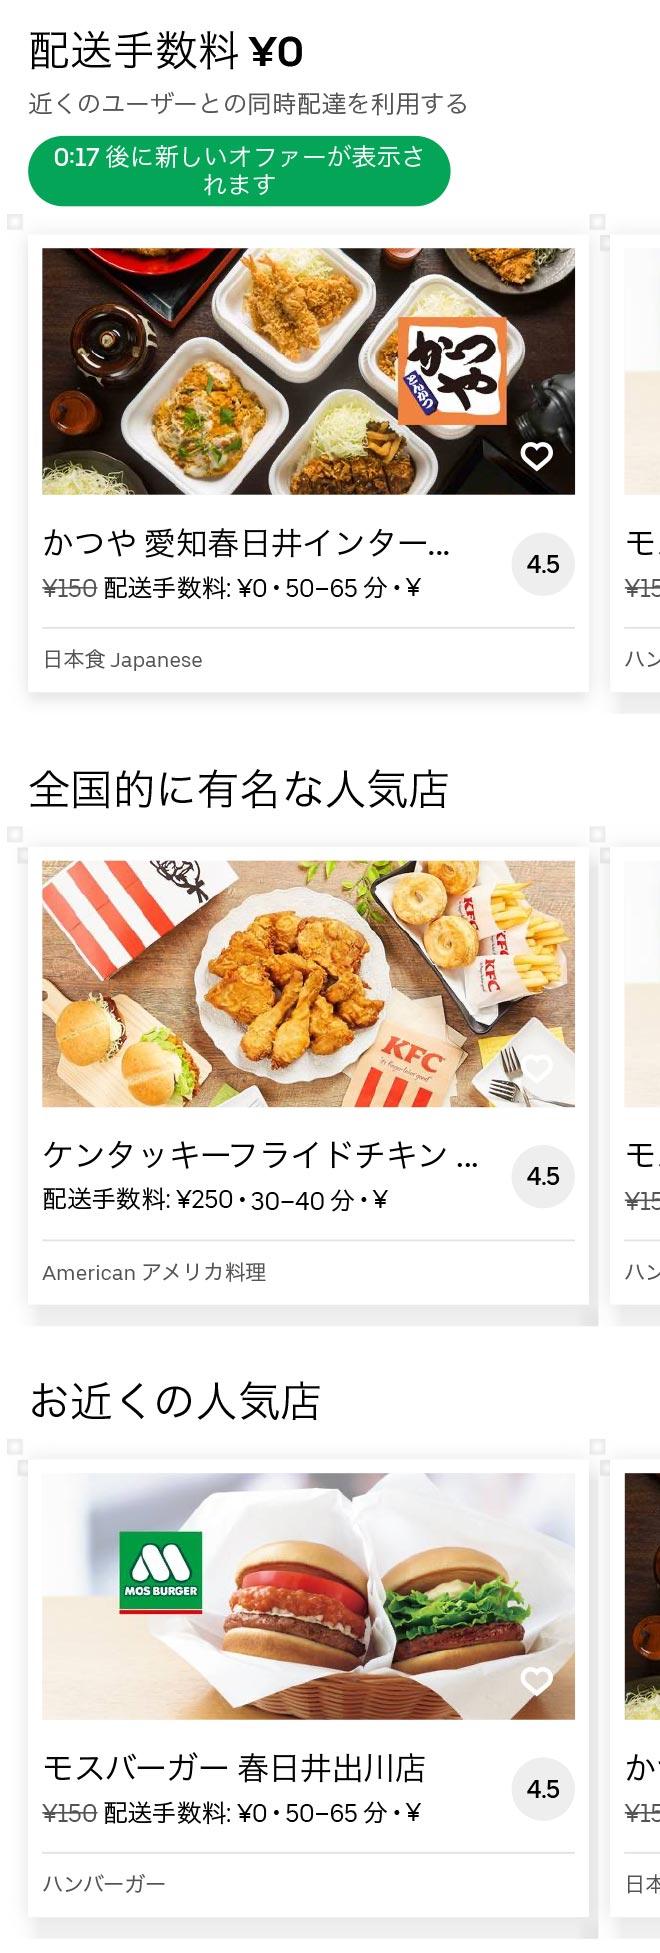 Jinryo menu 2010 01